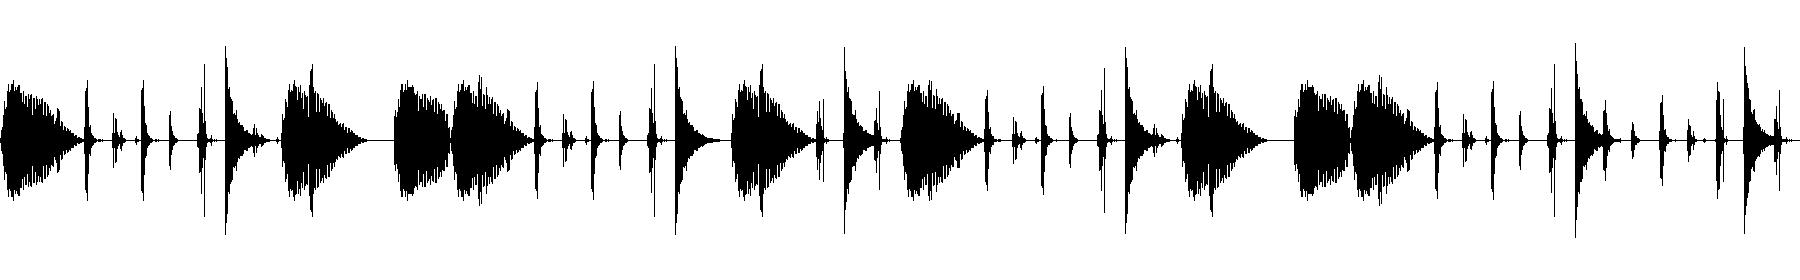 140 drumloop sp 11